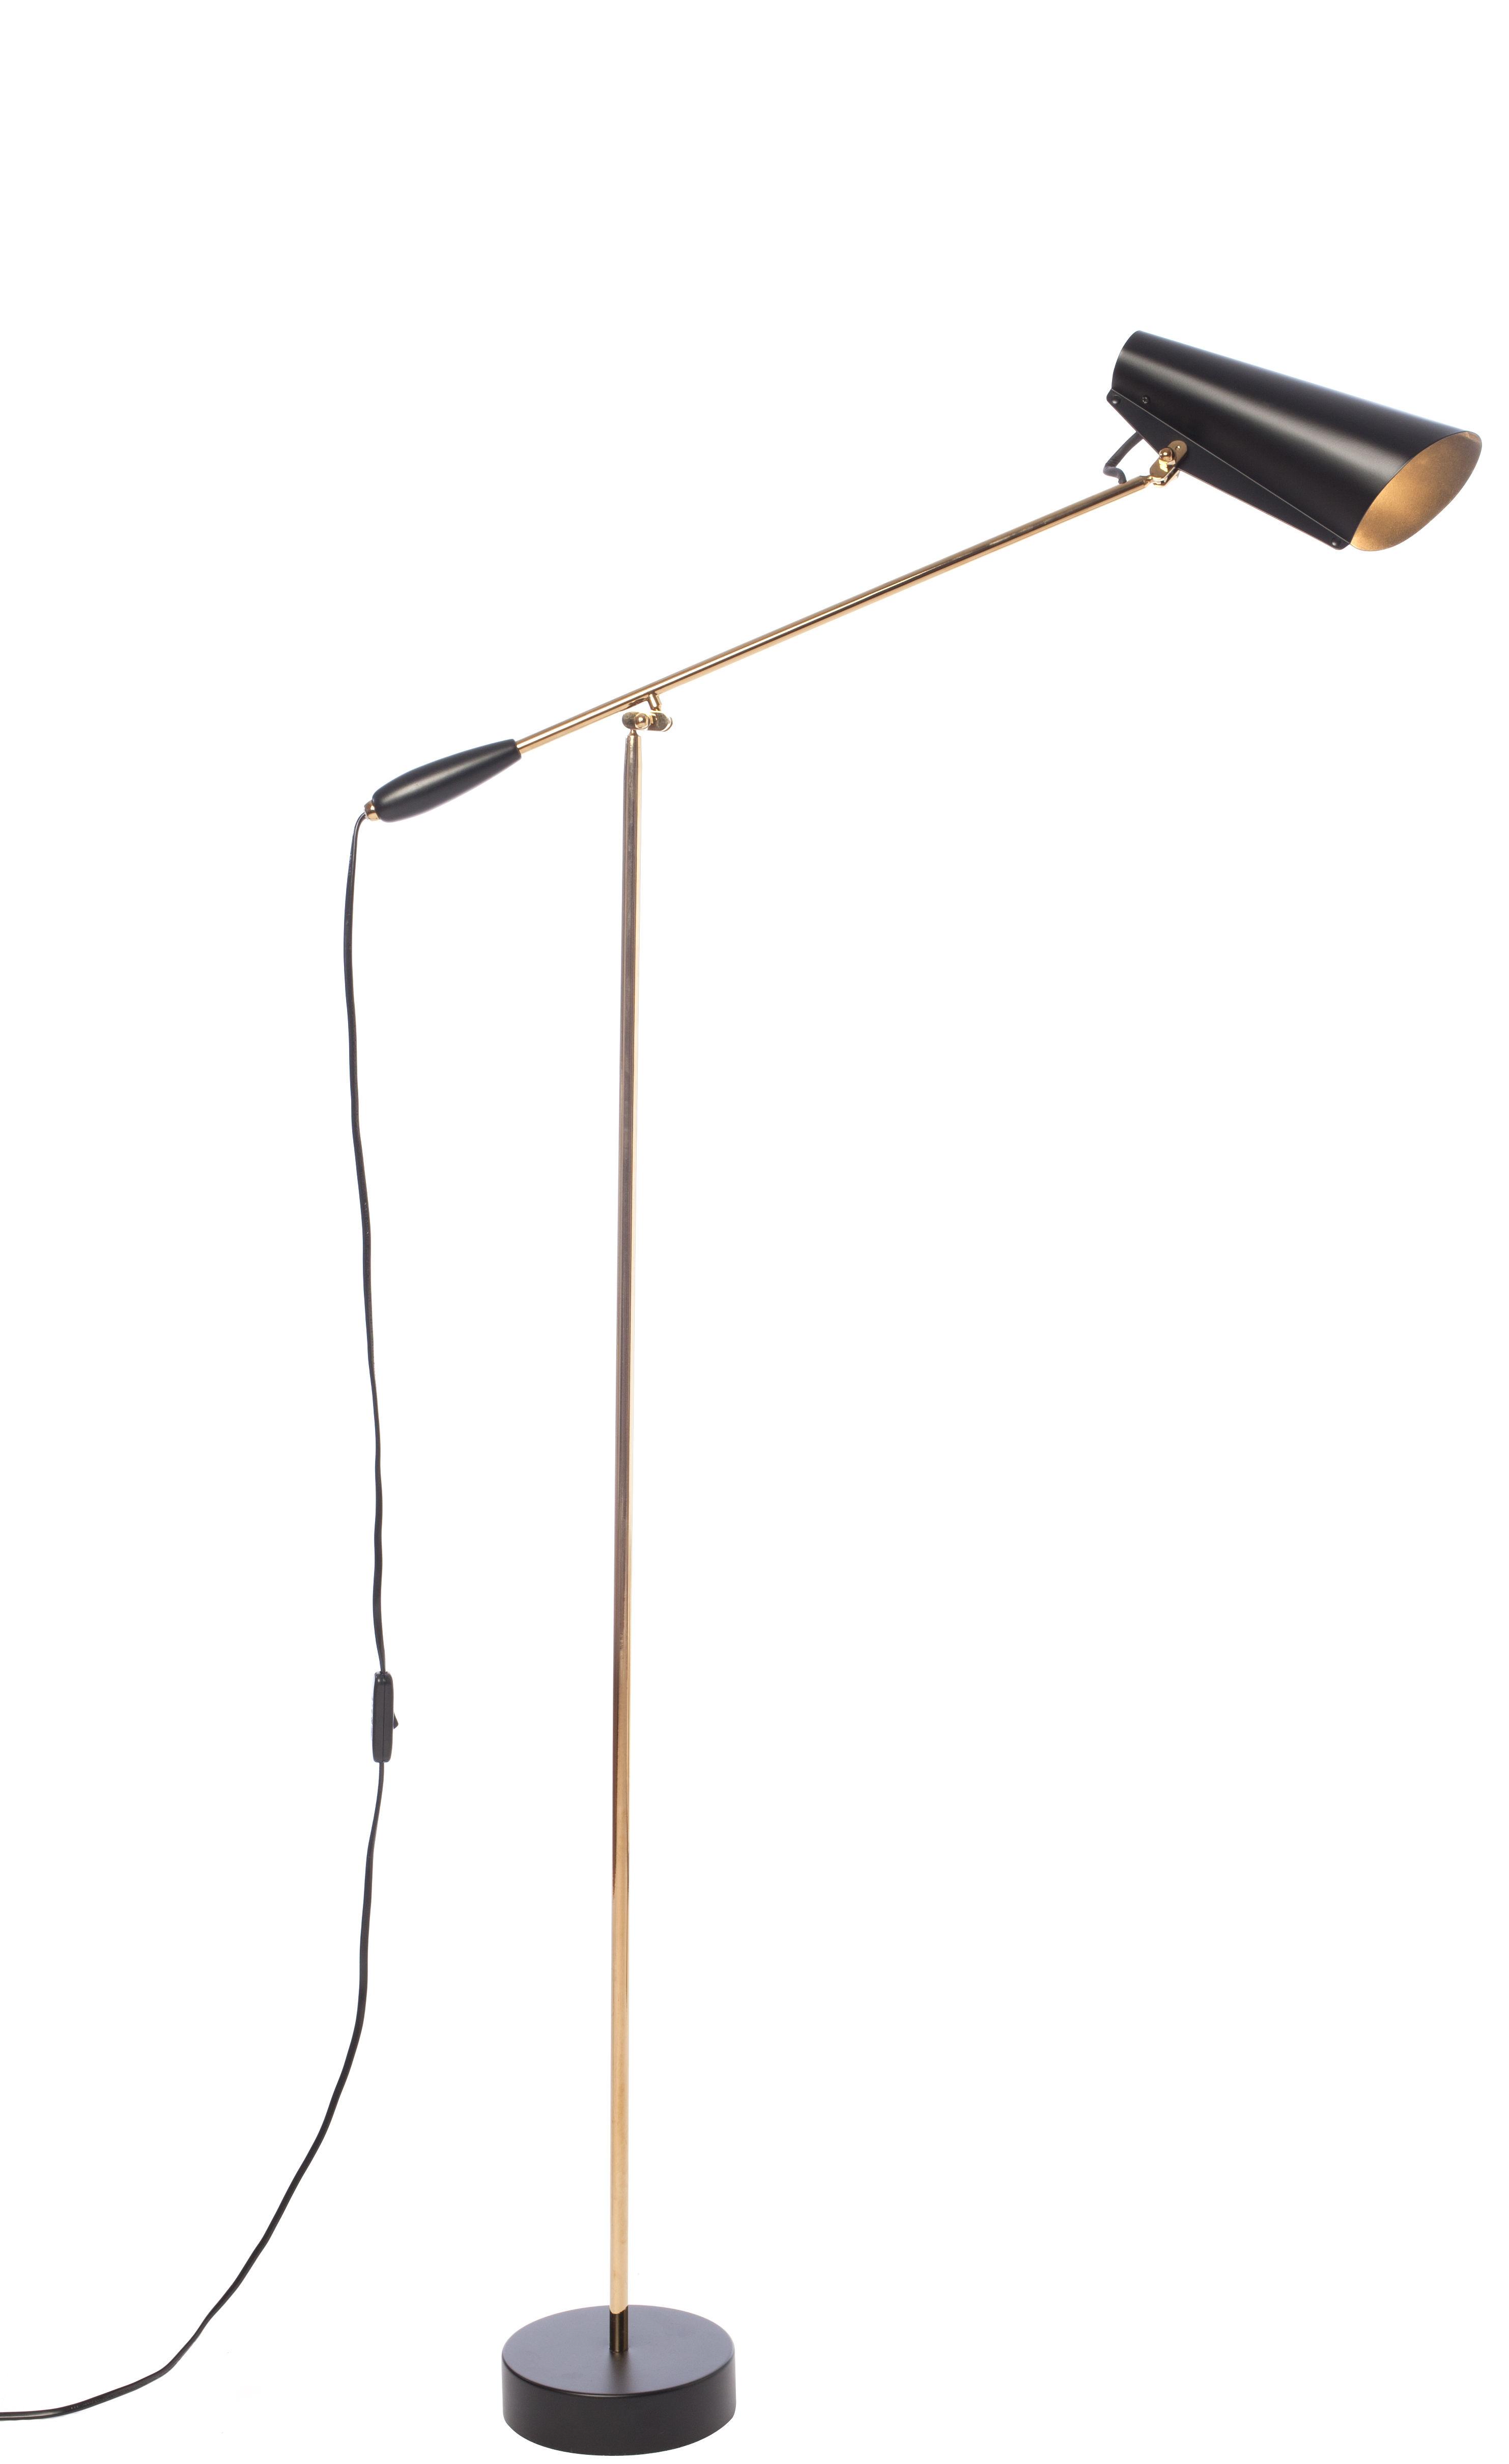 Luminaire - Lampadaires - Lampadaire Birdy / H 133 cm - Réédition 1952 - Northern  - Noir / Bras laiton - Acier finition laiton, Aluminium peint